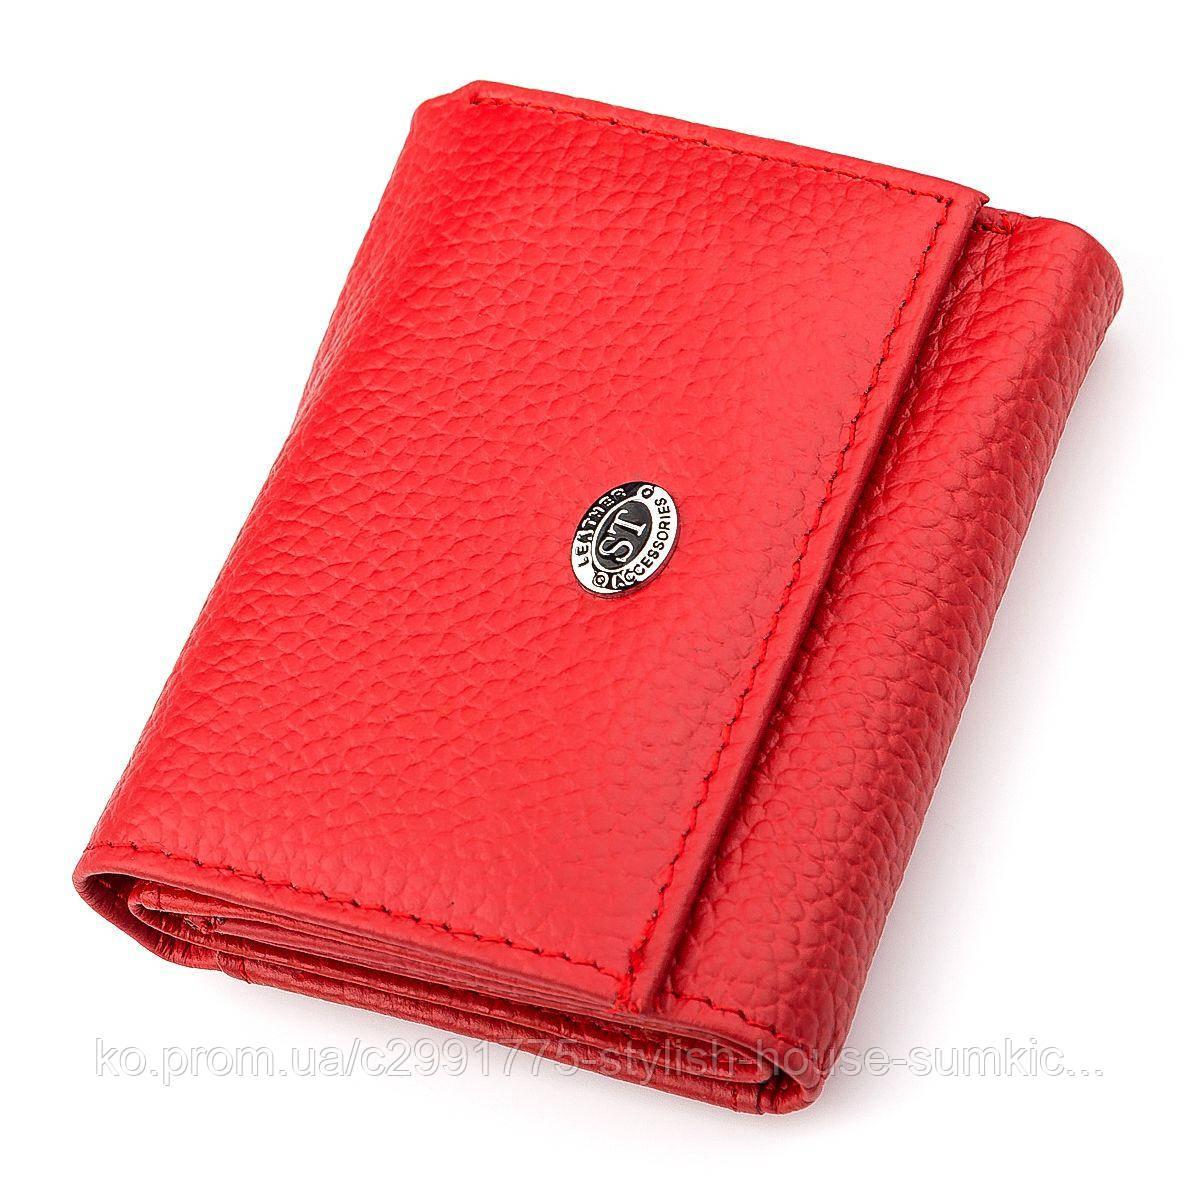 Кошелек женский кожаный ST 440 Red